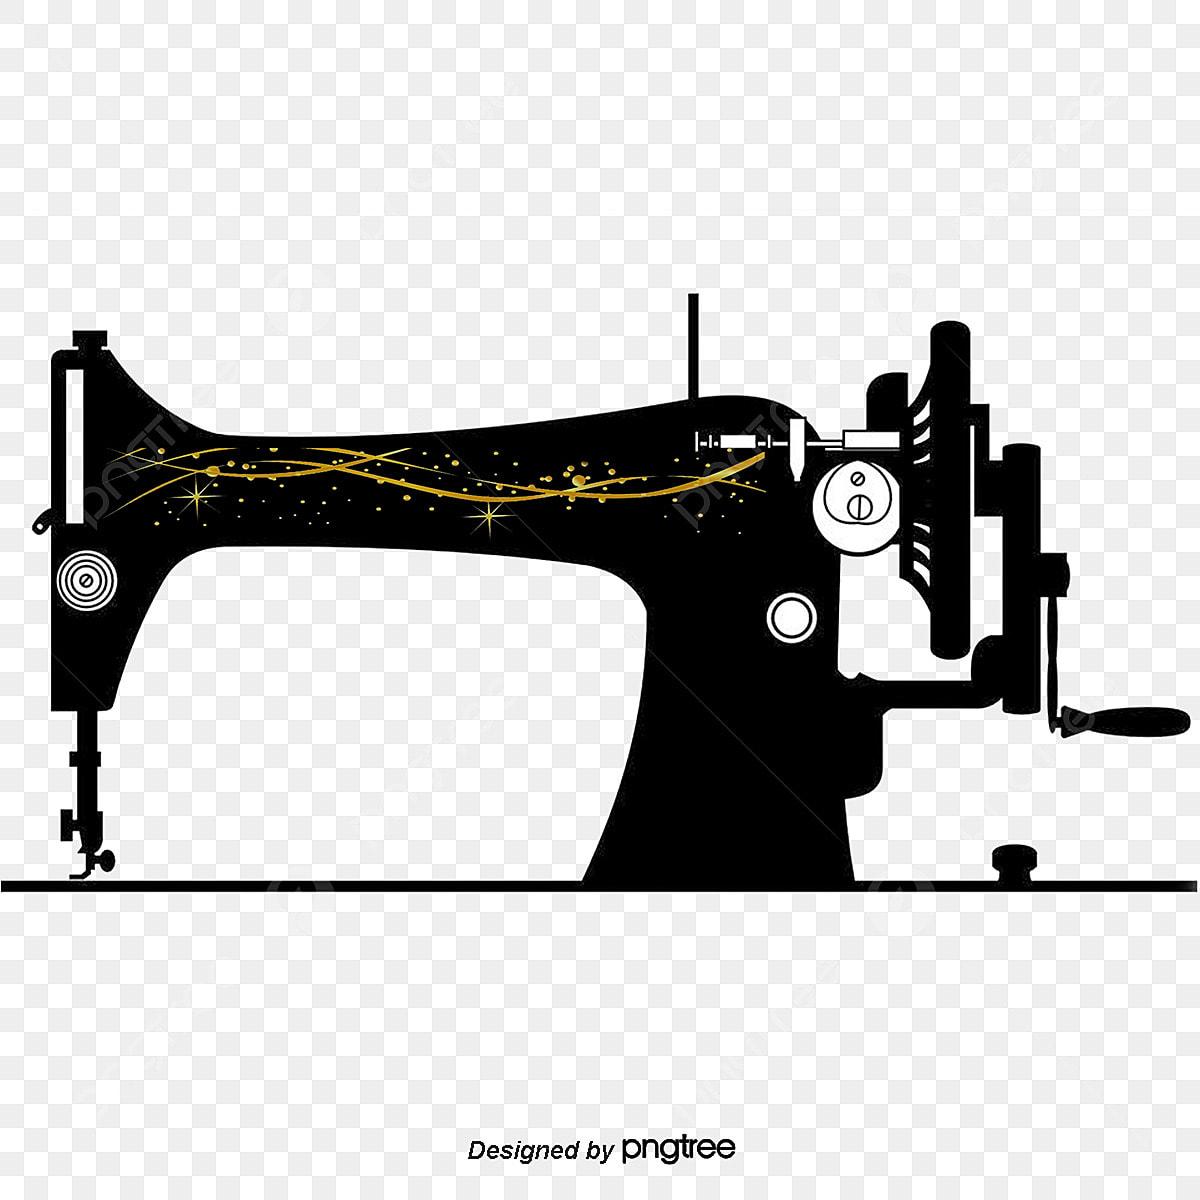 Material De Vetor De Maquina De Costura Maquina De Costura Png